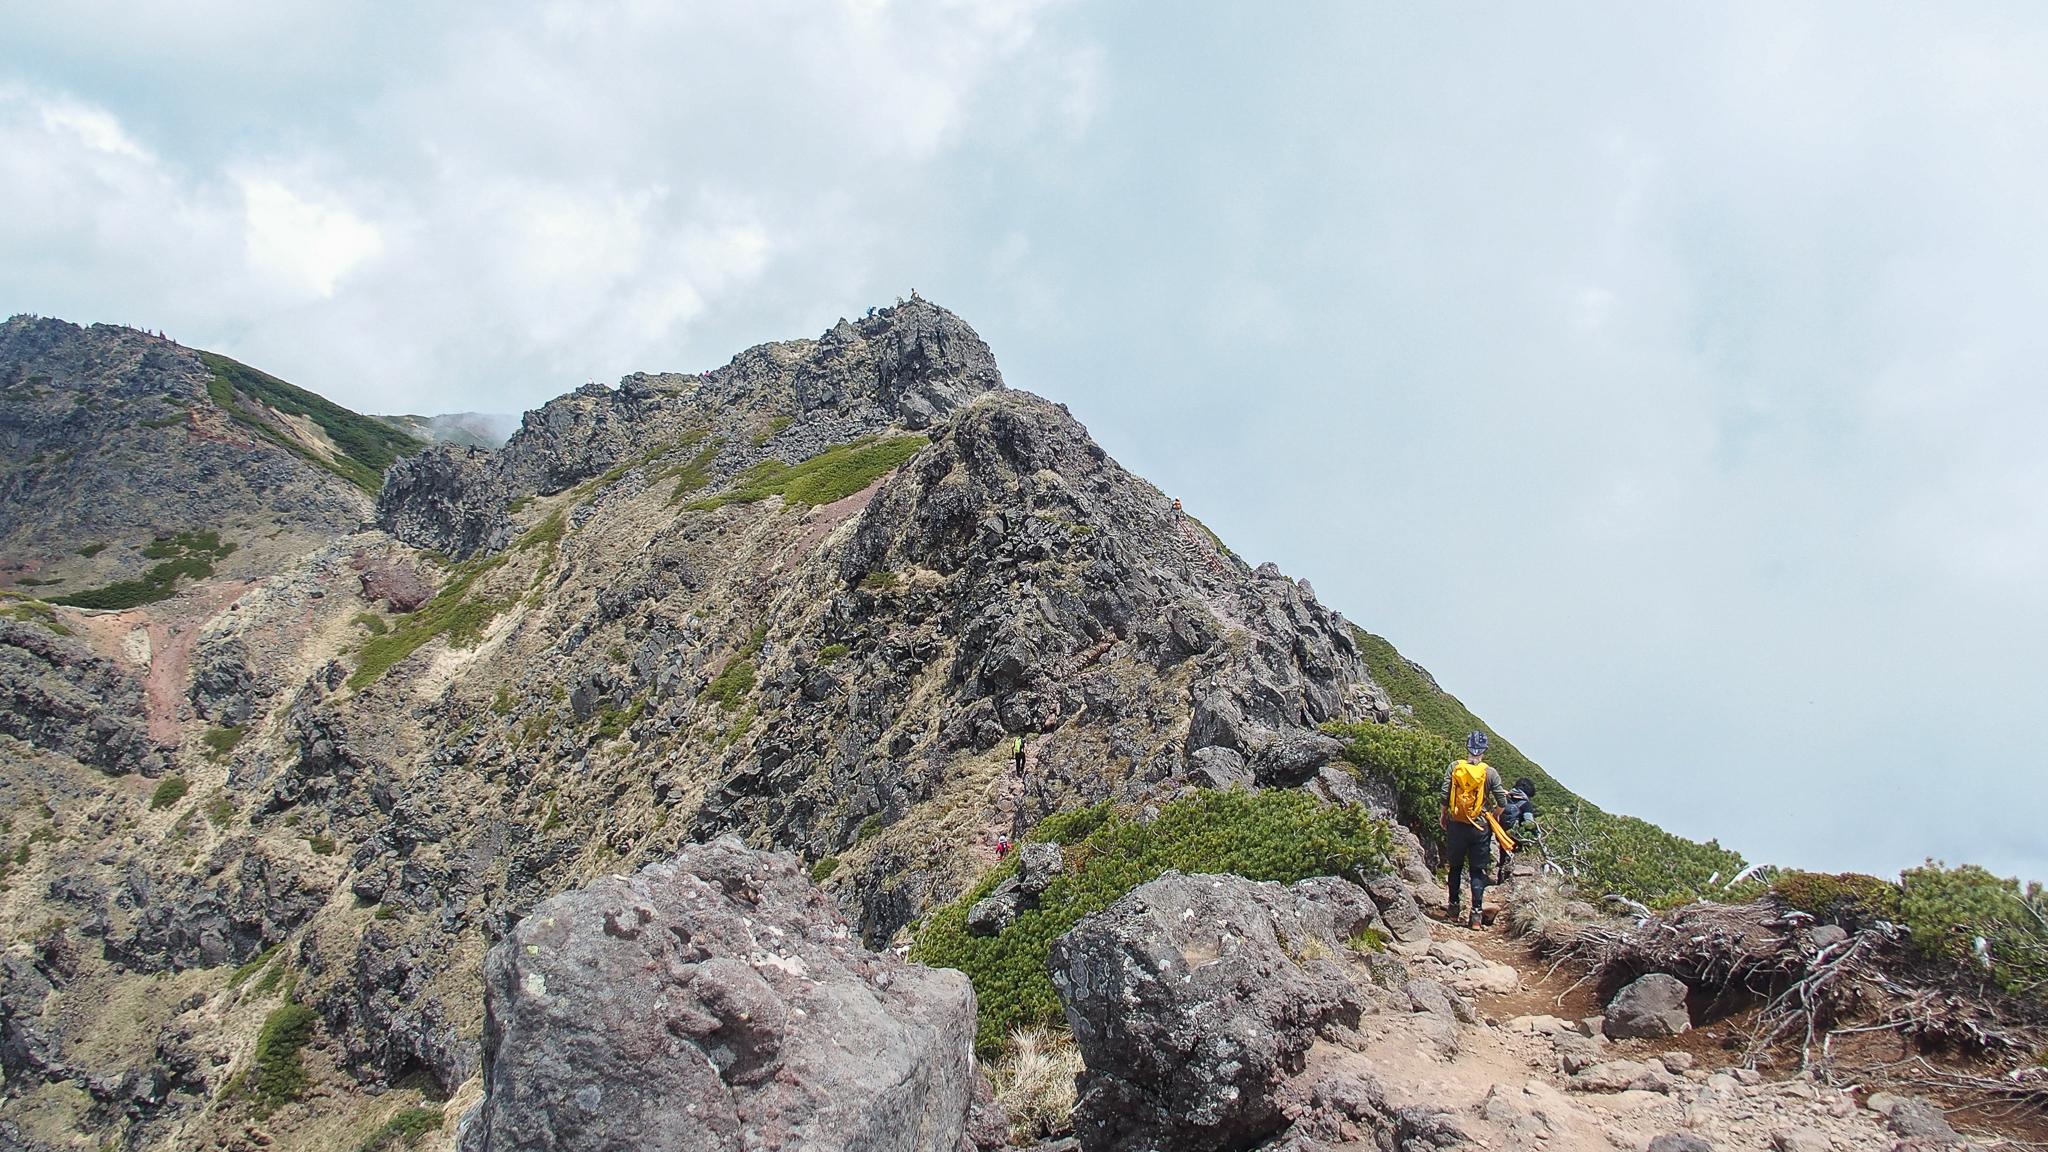 八ヶ岳(赤岳・横岳・硫黄岳)・横岳、岩場のアップダウン